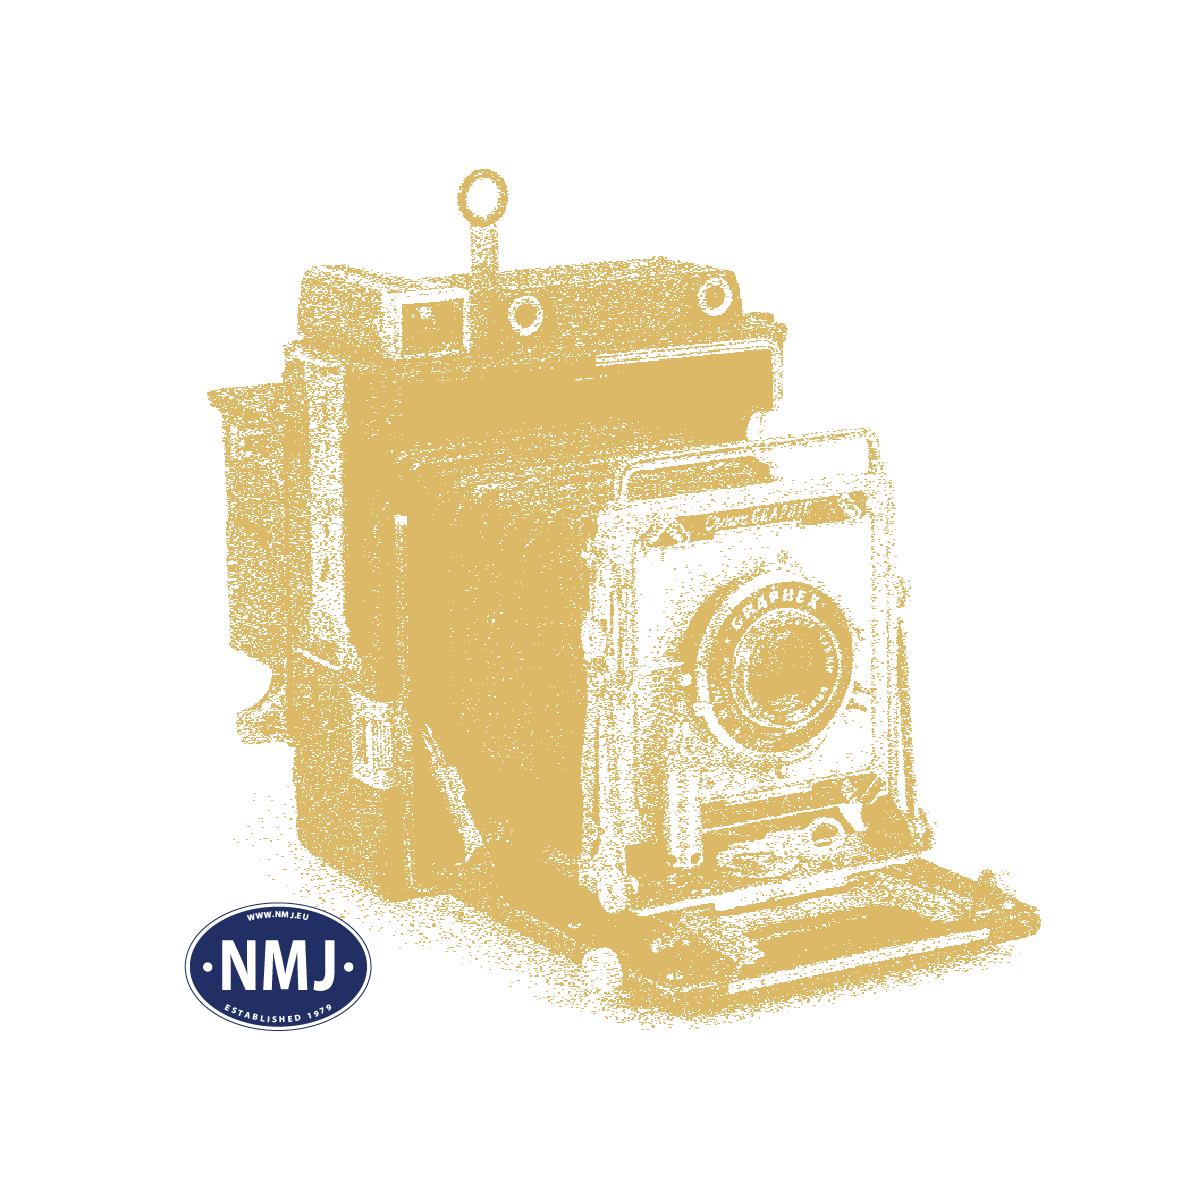 MBR51-4206 - Spruce Sommer, 12-16 cm ,TT/H0